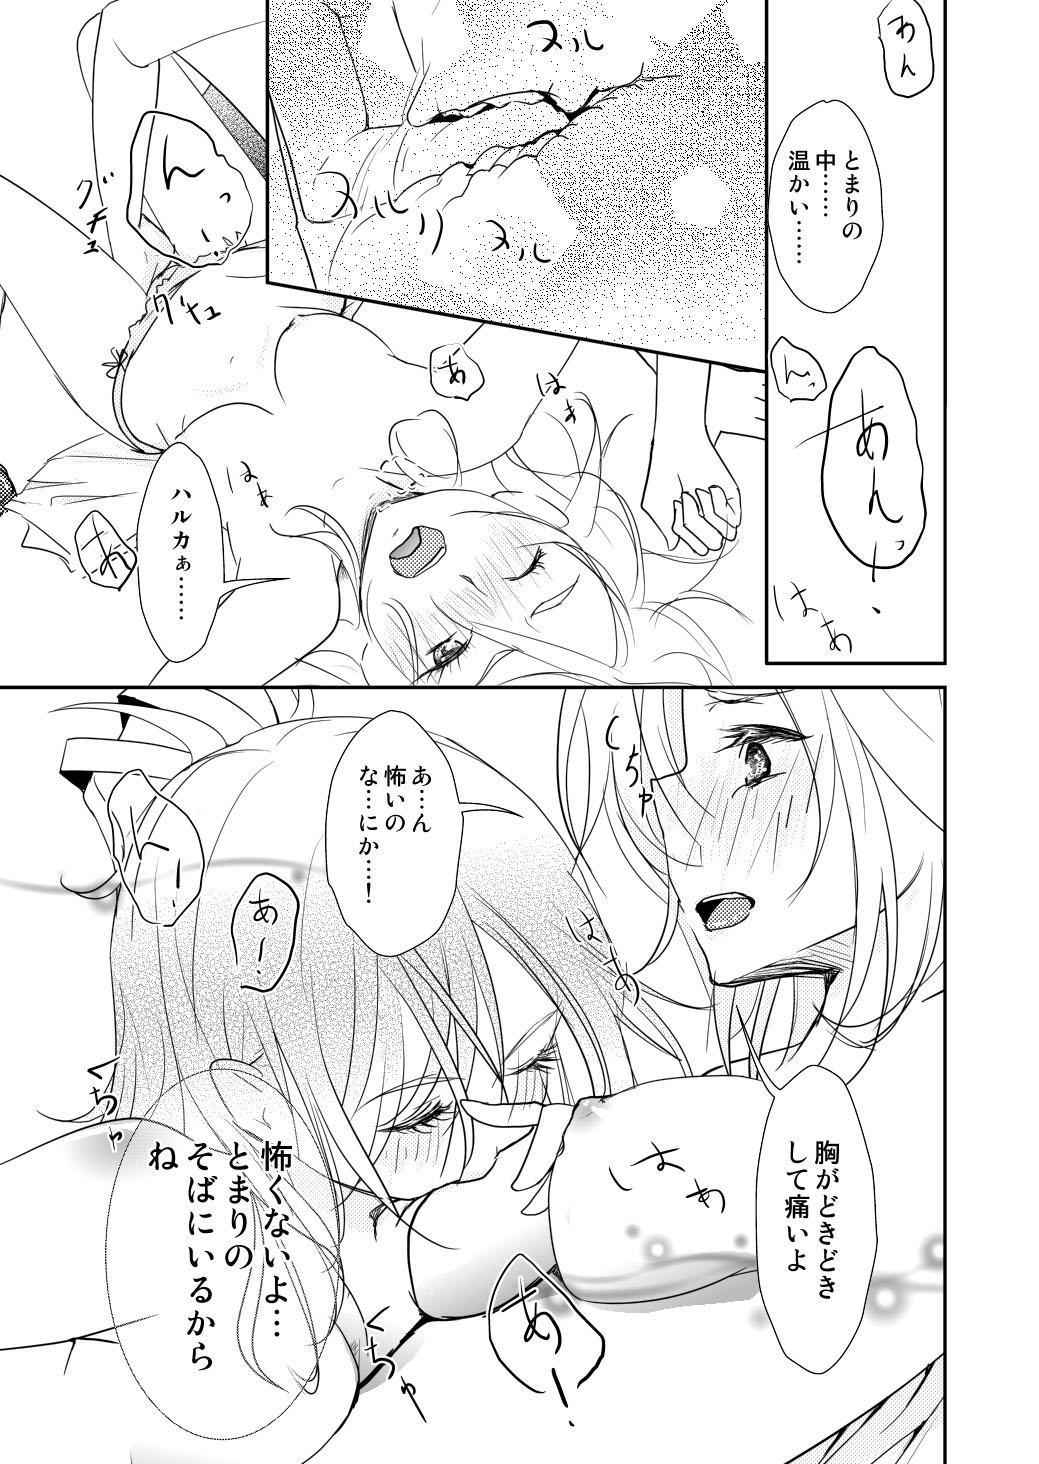 Yakusoku no Sora to Kimigaita Basho 1 ~ 2 34